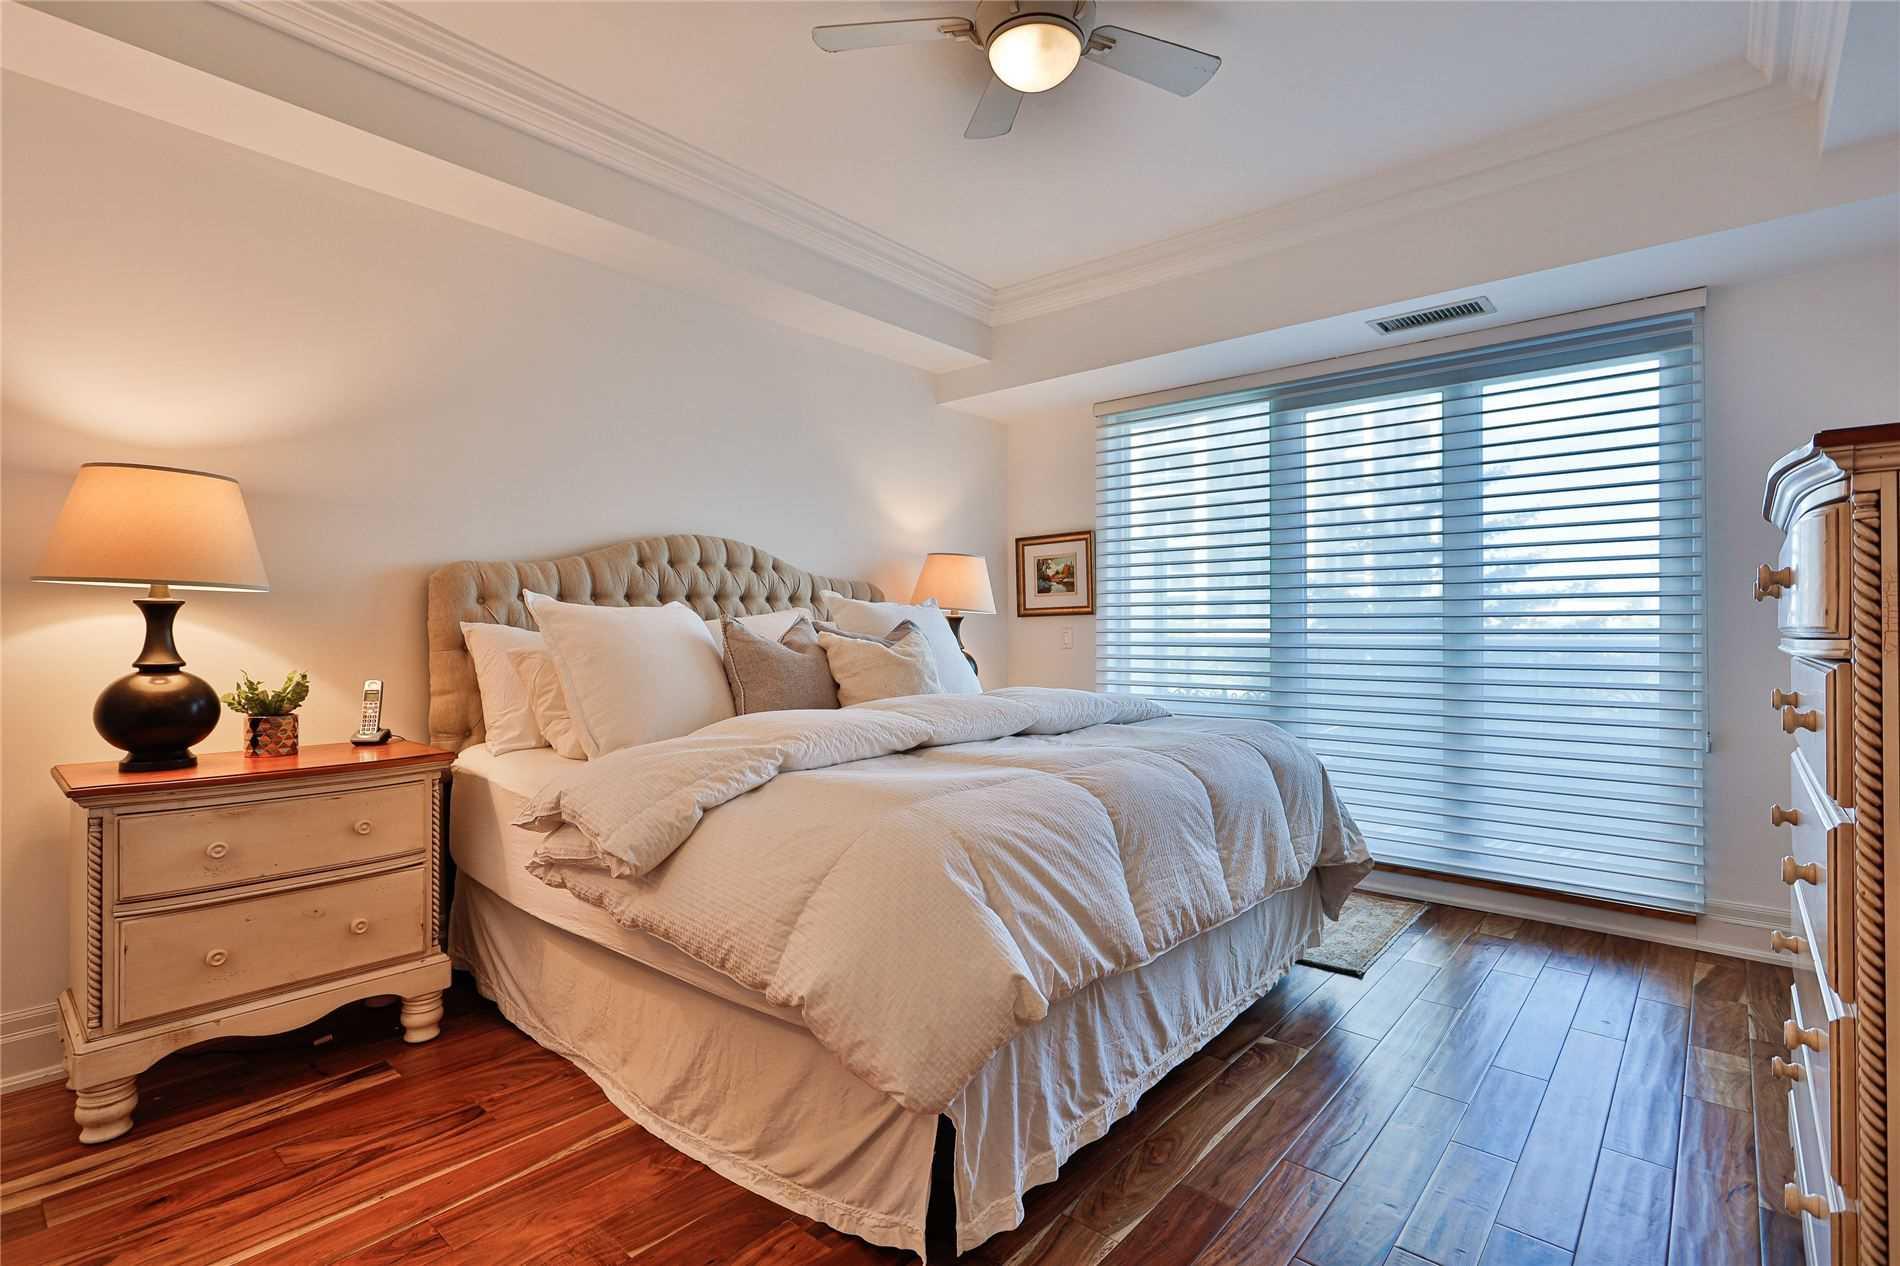 317 - 2095 Lake Shore Blvd W - Mimico Condo Apt for sale, 2 Bedrooms (W5369727) - #20